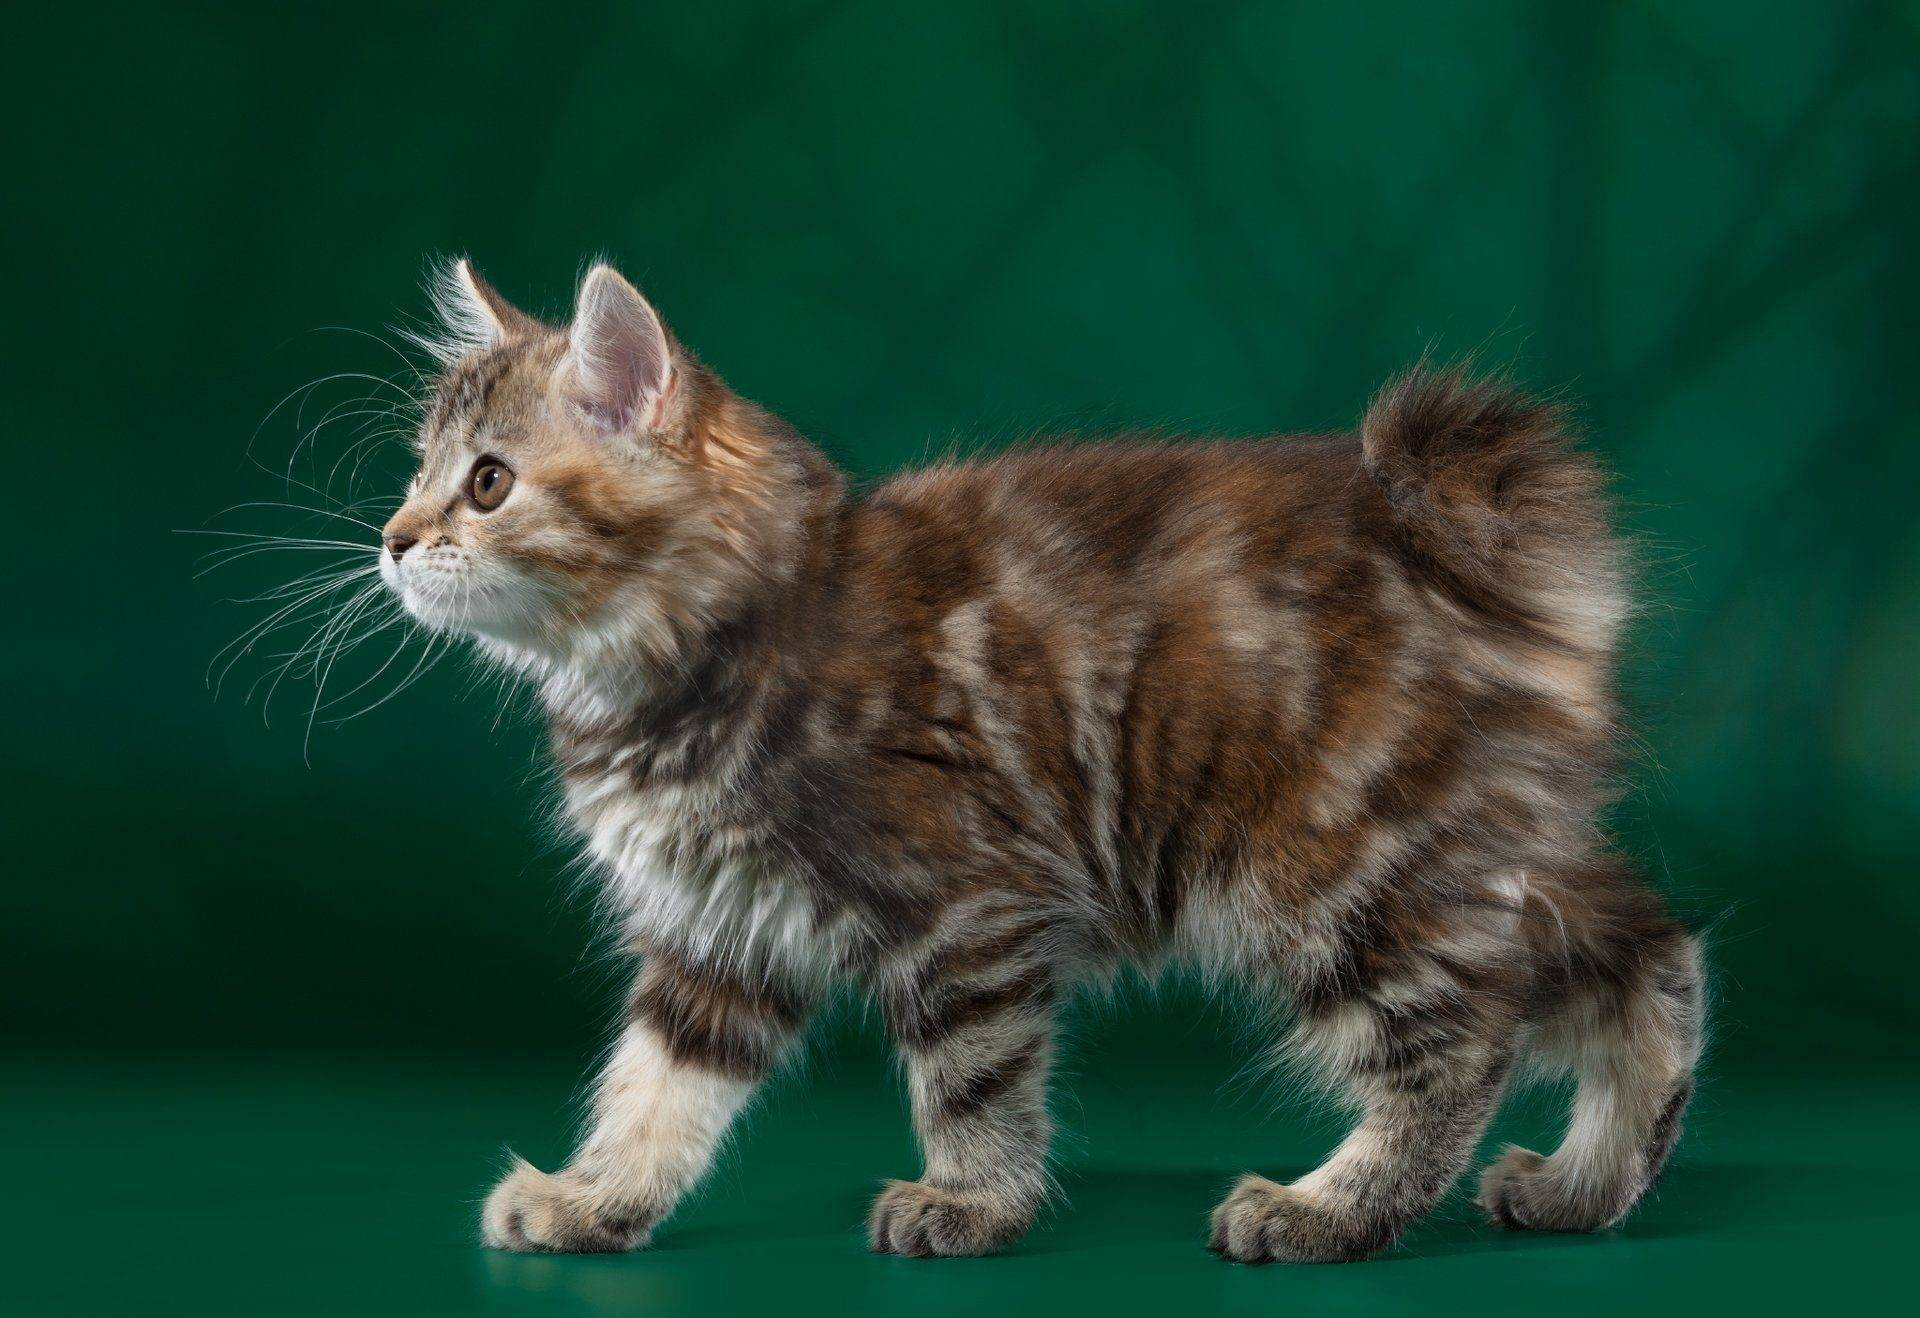 Курильский бобтейл: описание и фото породы, отзывы владельцев кошек и котов, уход за питомцем и его содержание